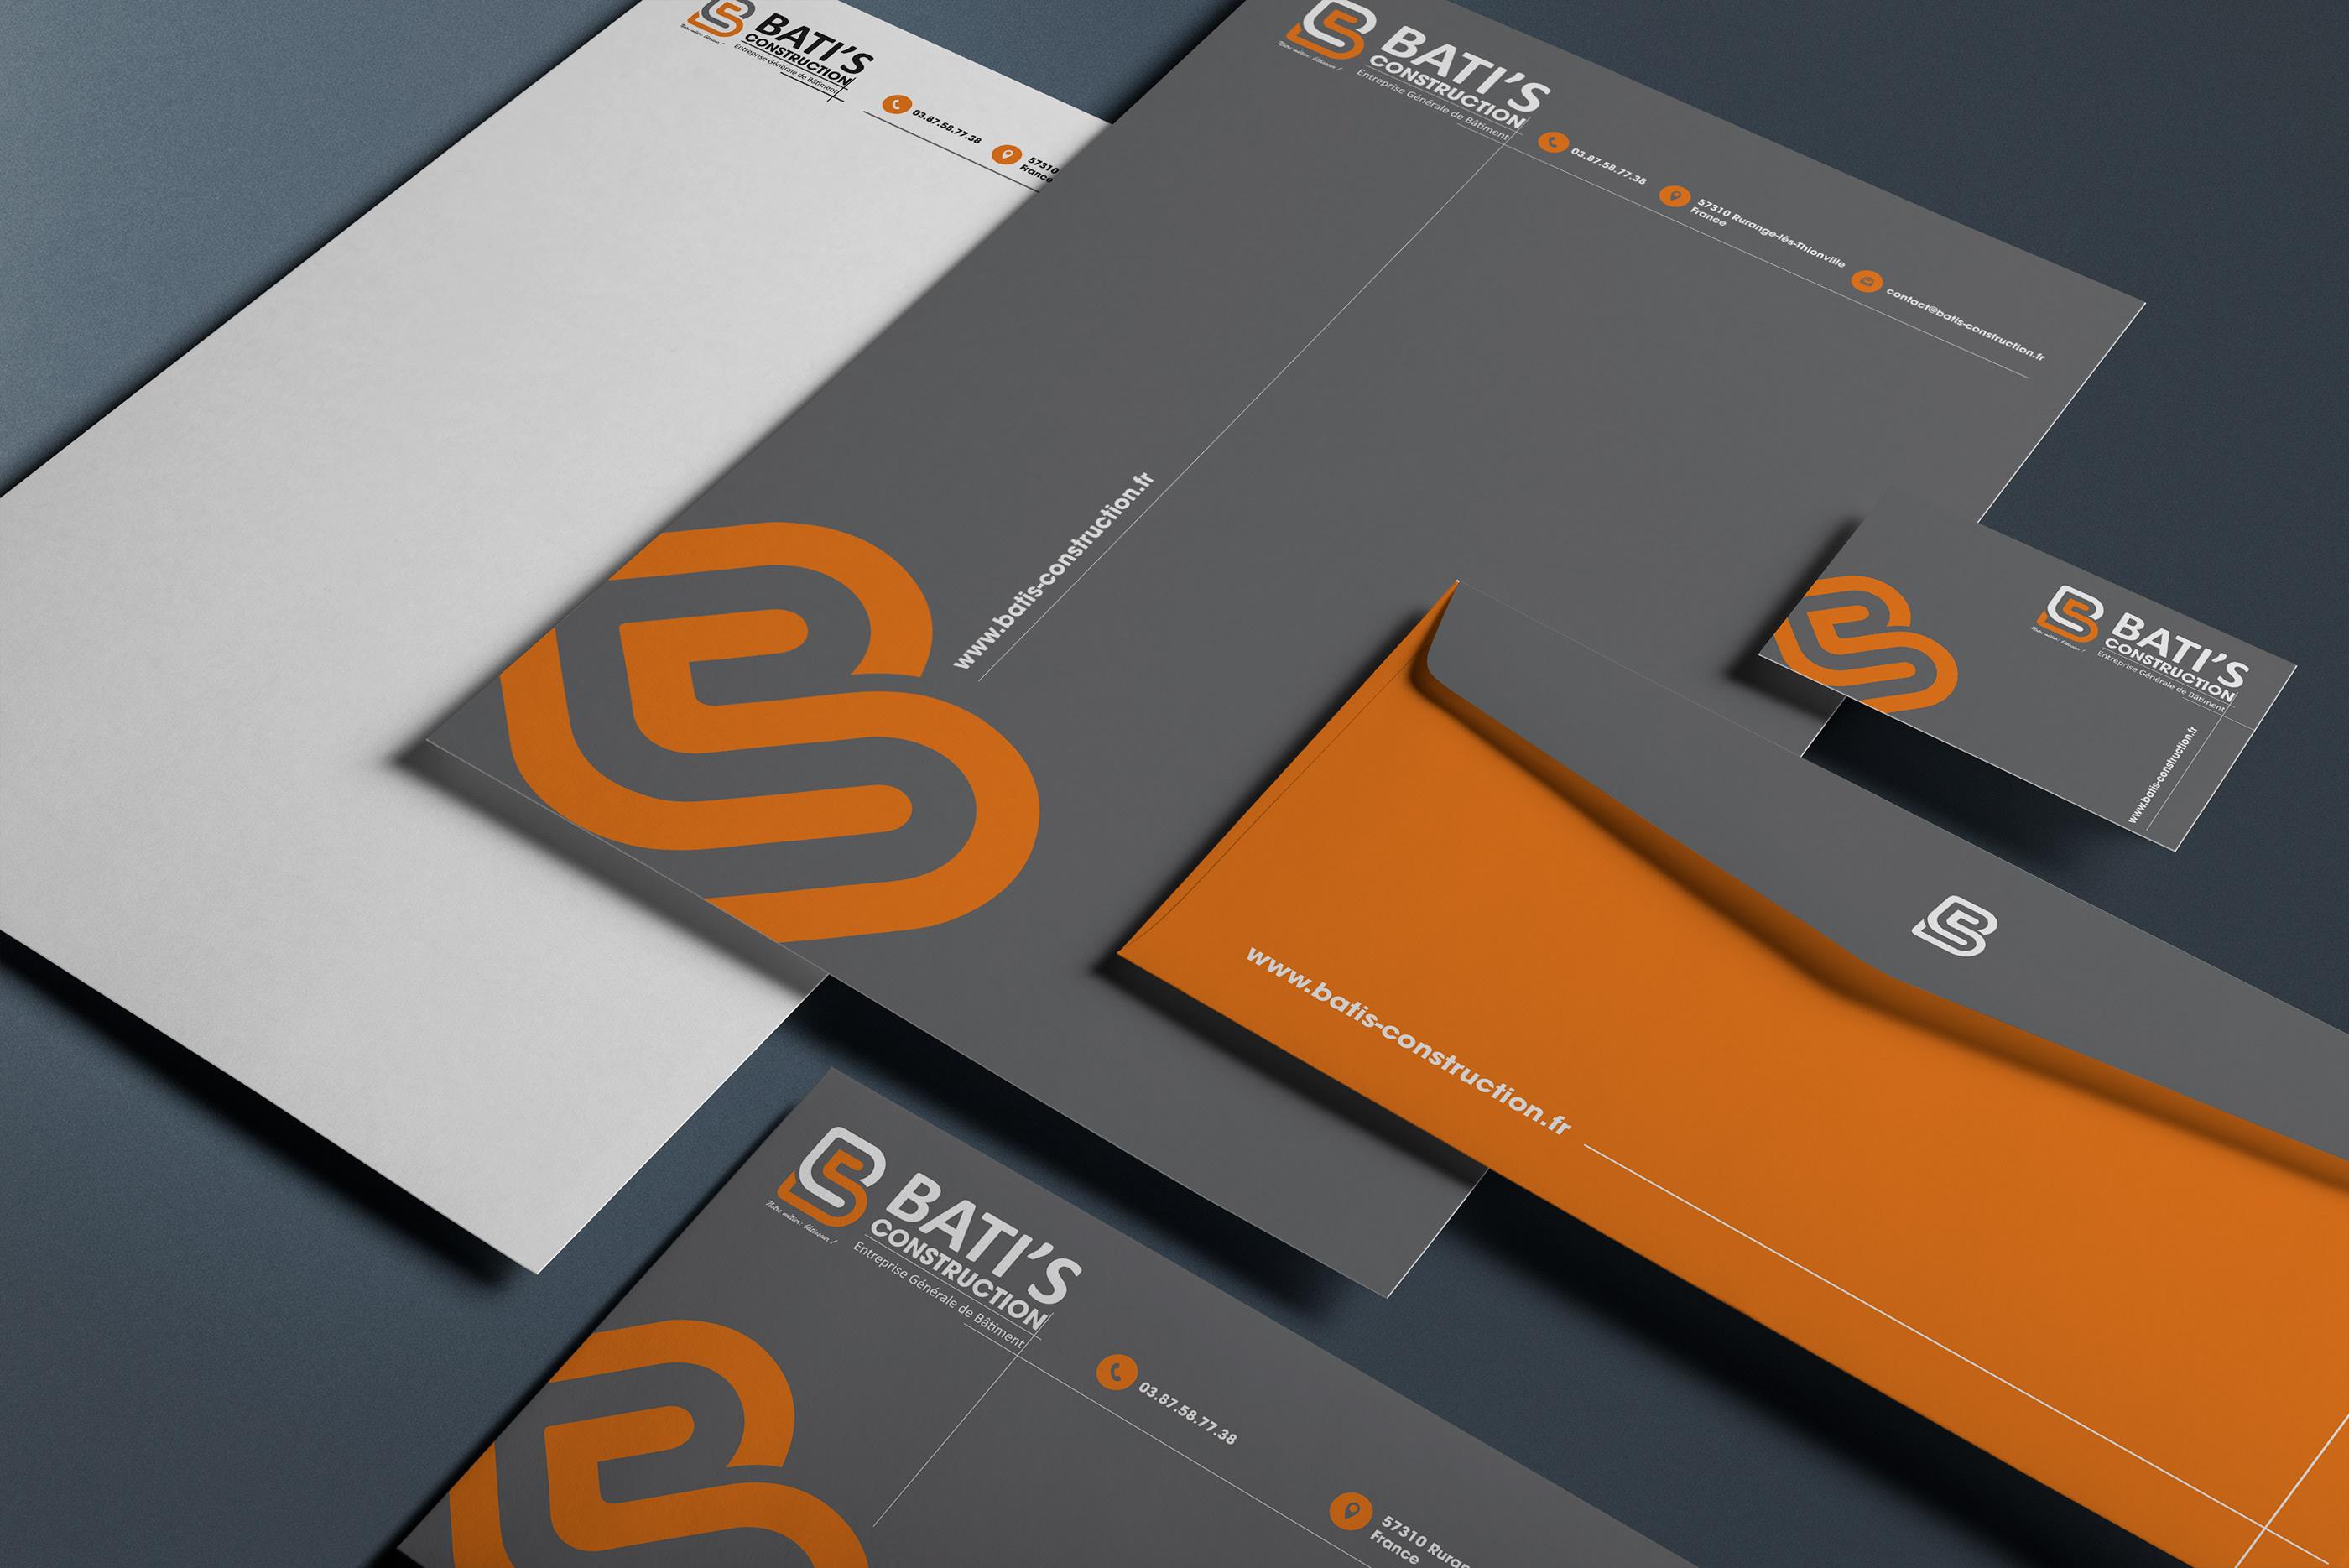 Entreprise Generale De Batiment 77 bati's construction branding on behance